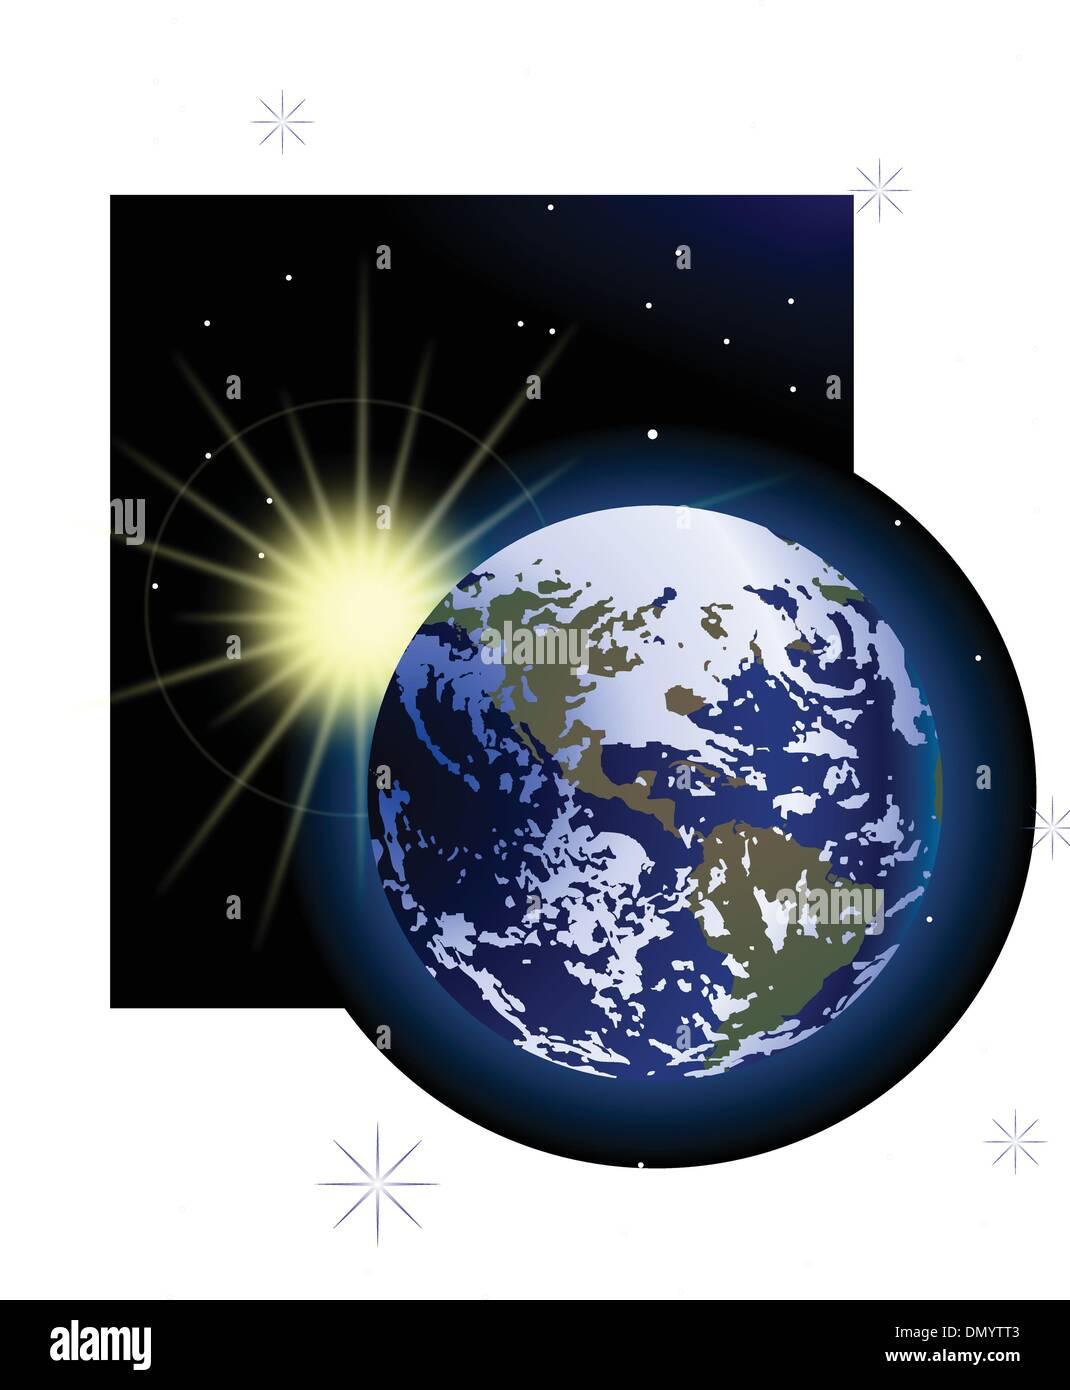 Planeta Tierra con amanecer en el espacio Imagen De Stock